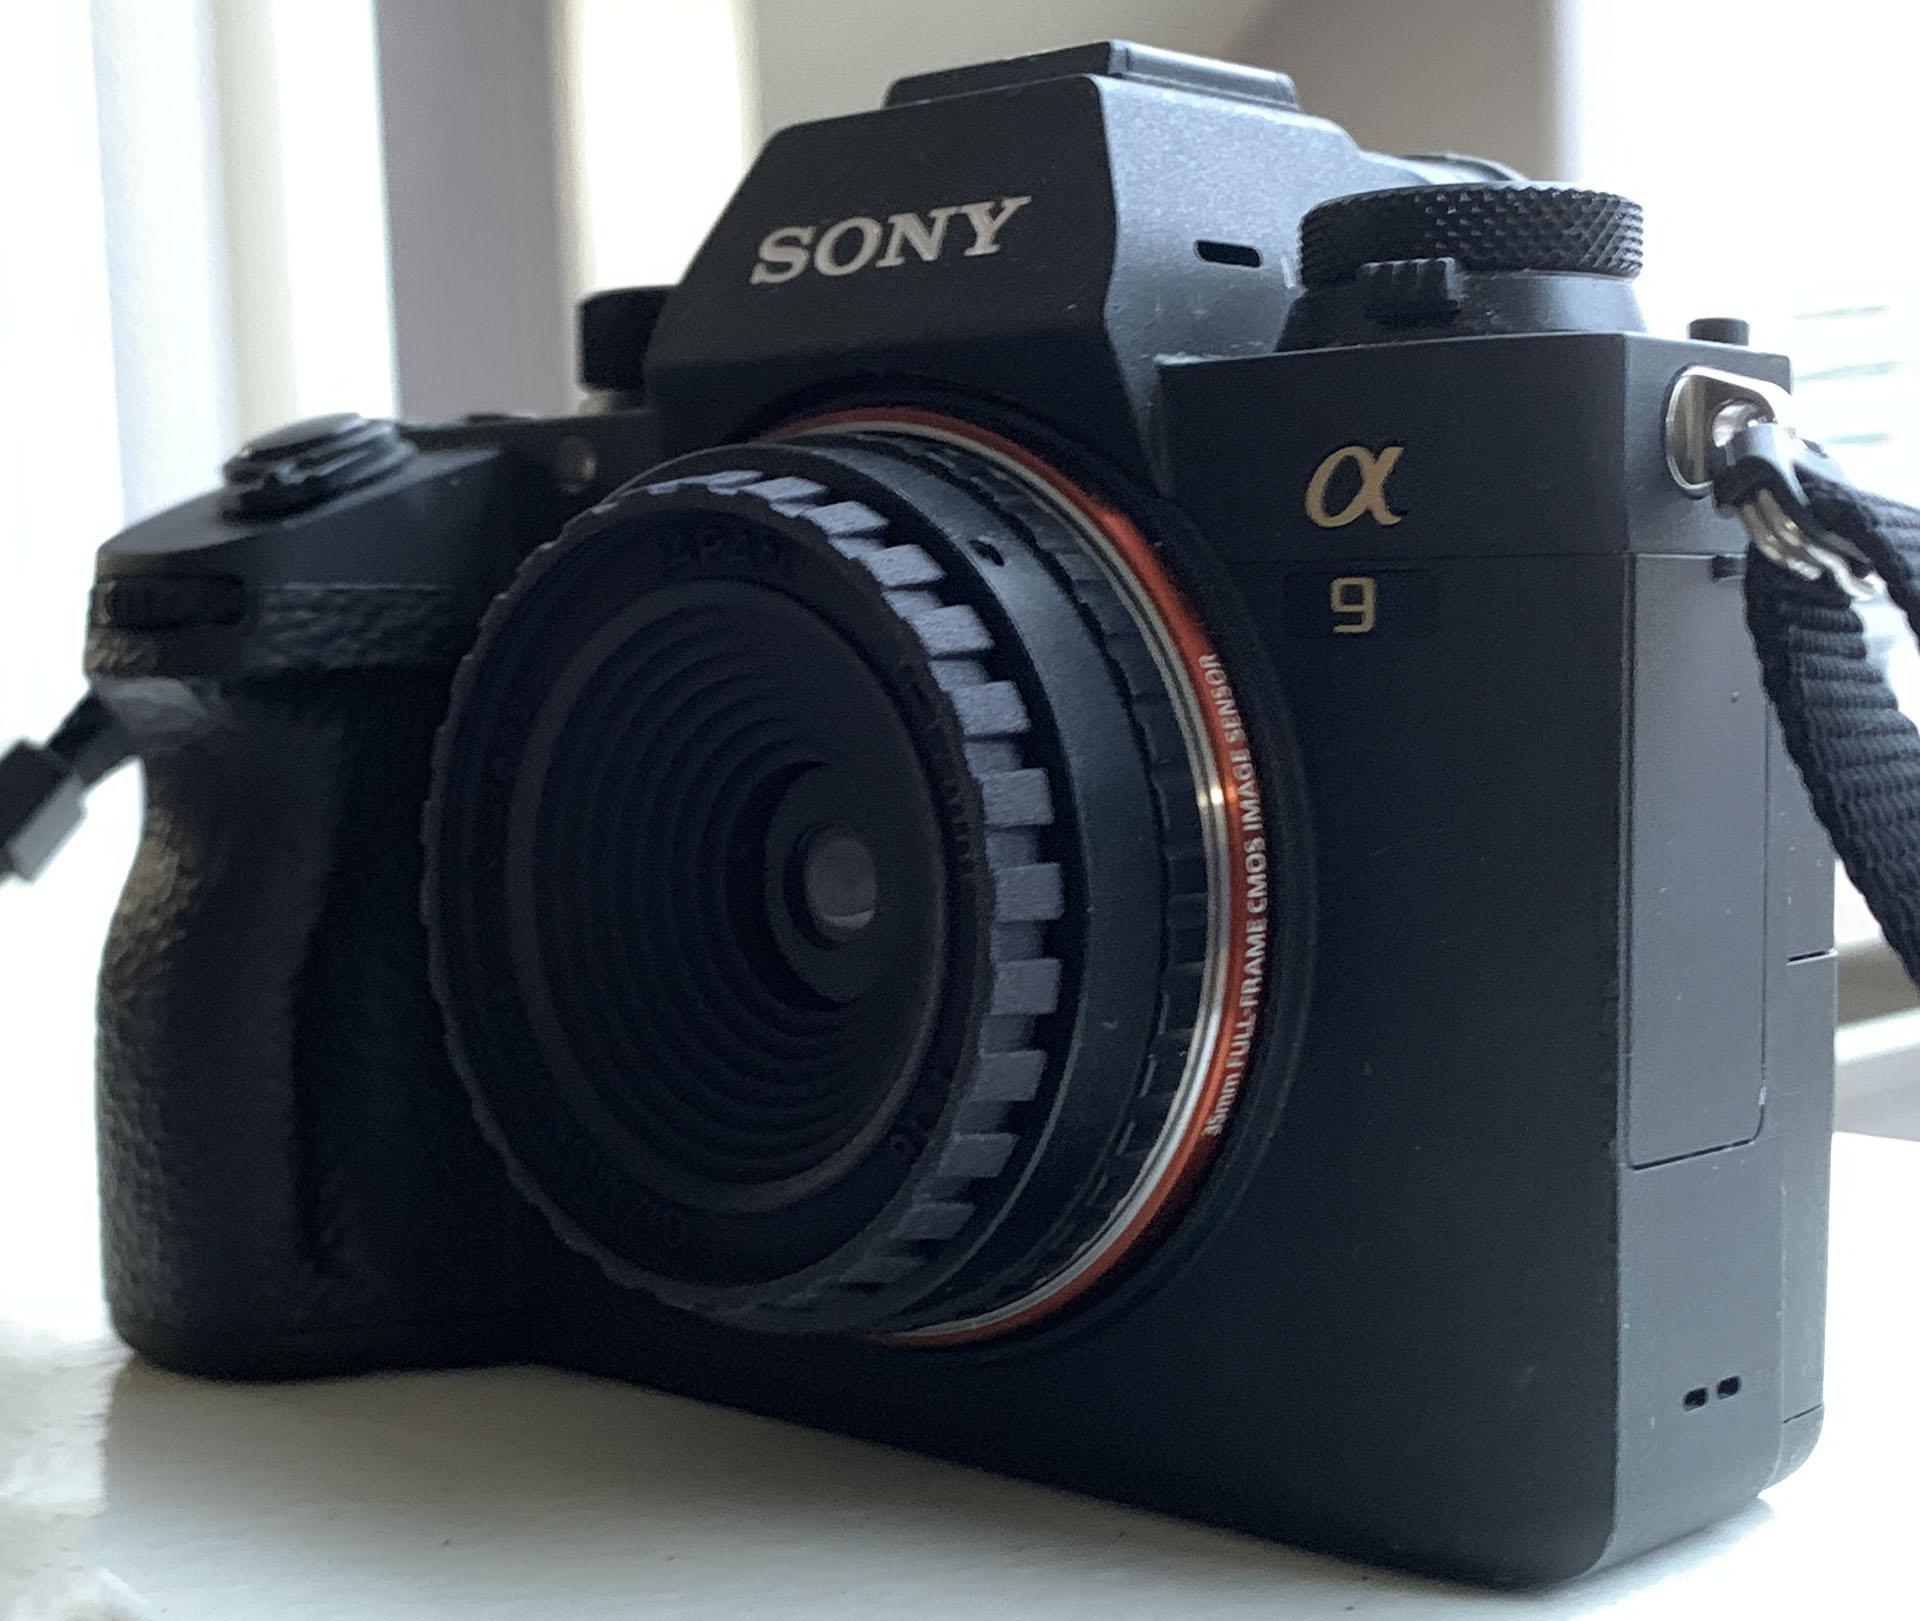 Sonyのα9で「写ルンです」レンズを使うと面白い